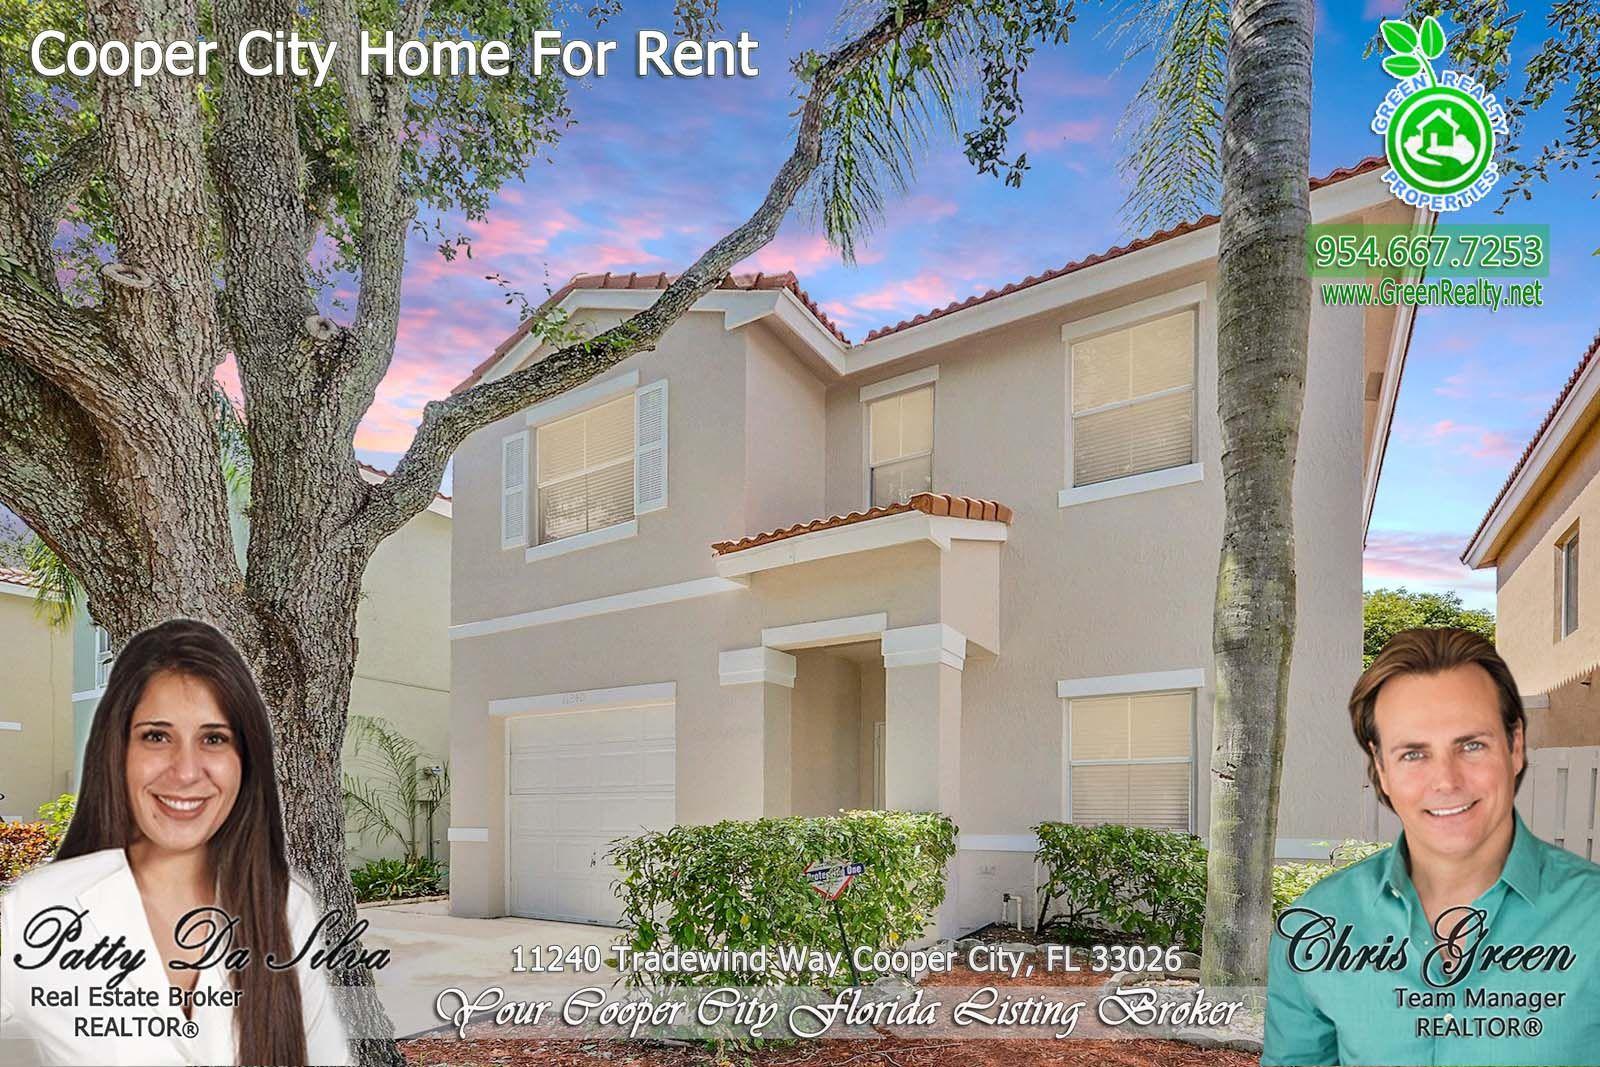 7a6fb5486a567fc8d550362500a8ea85 - Rock Creek Gardens Condos For Rent